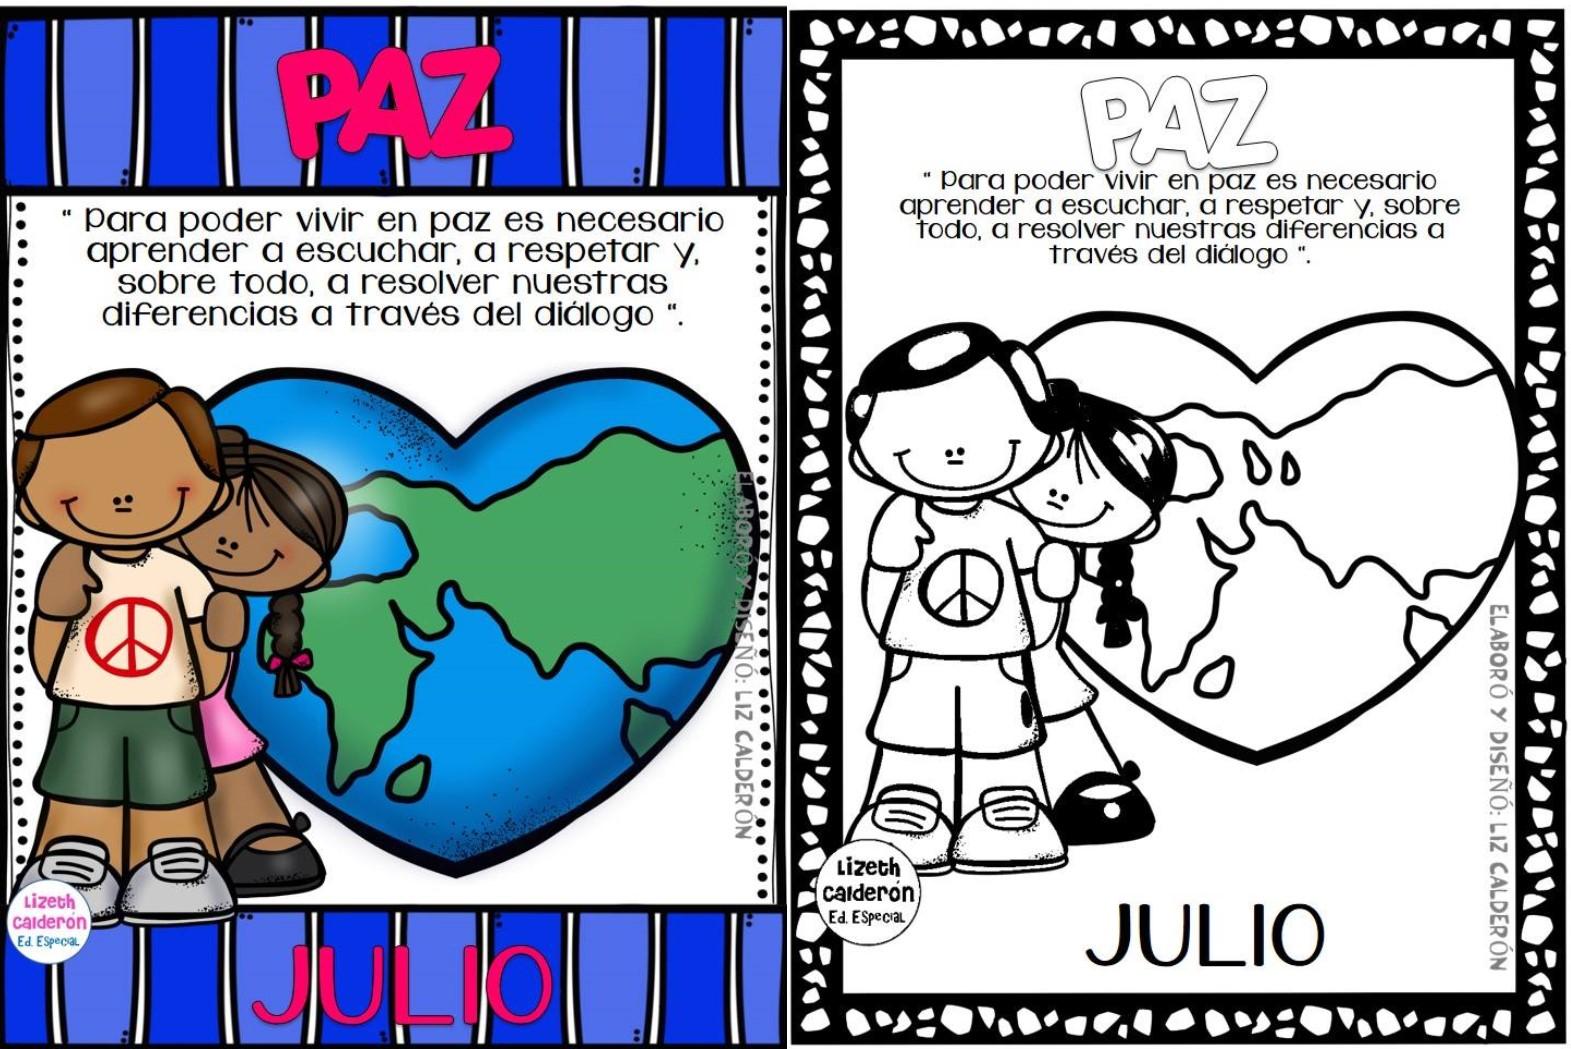 La Paz valor del mes de julio | Educación Primaria